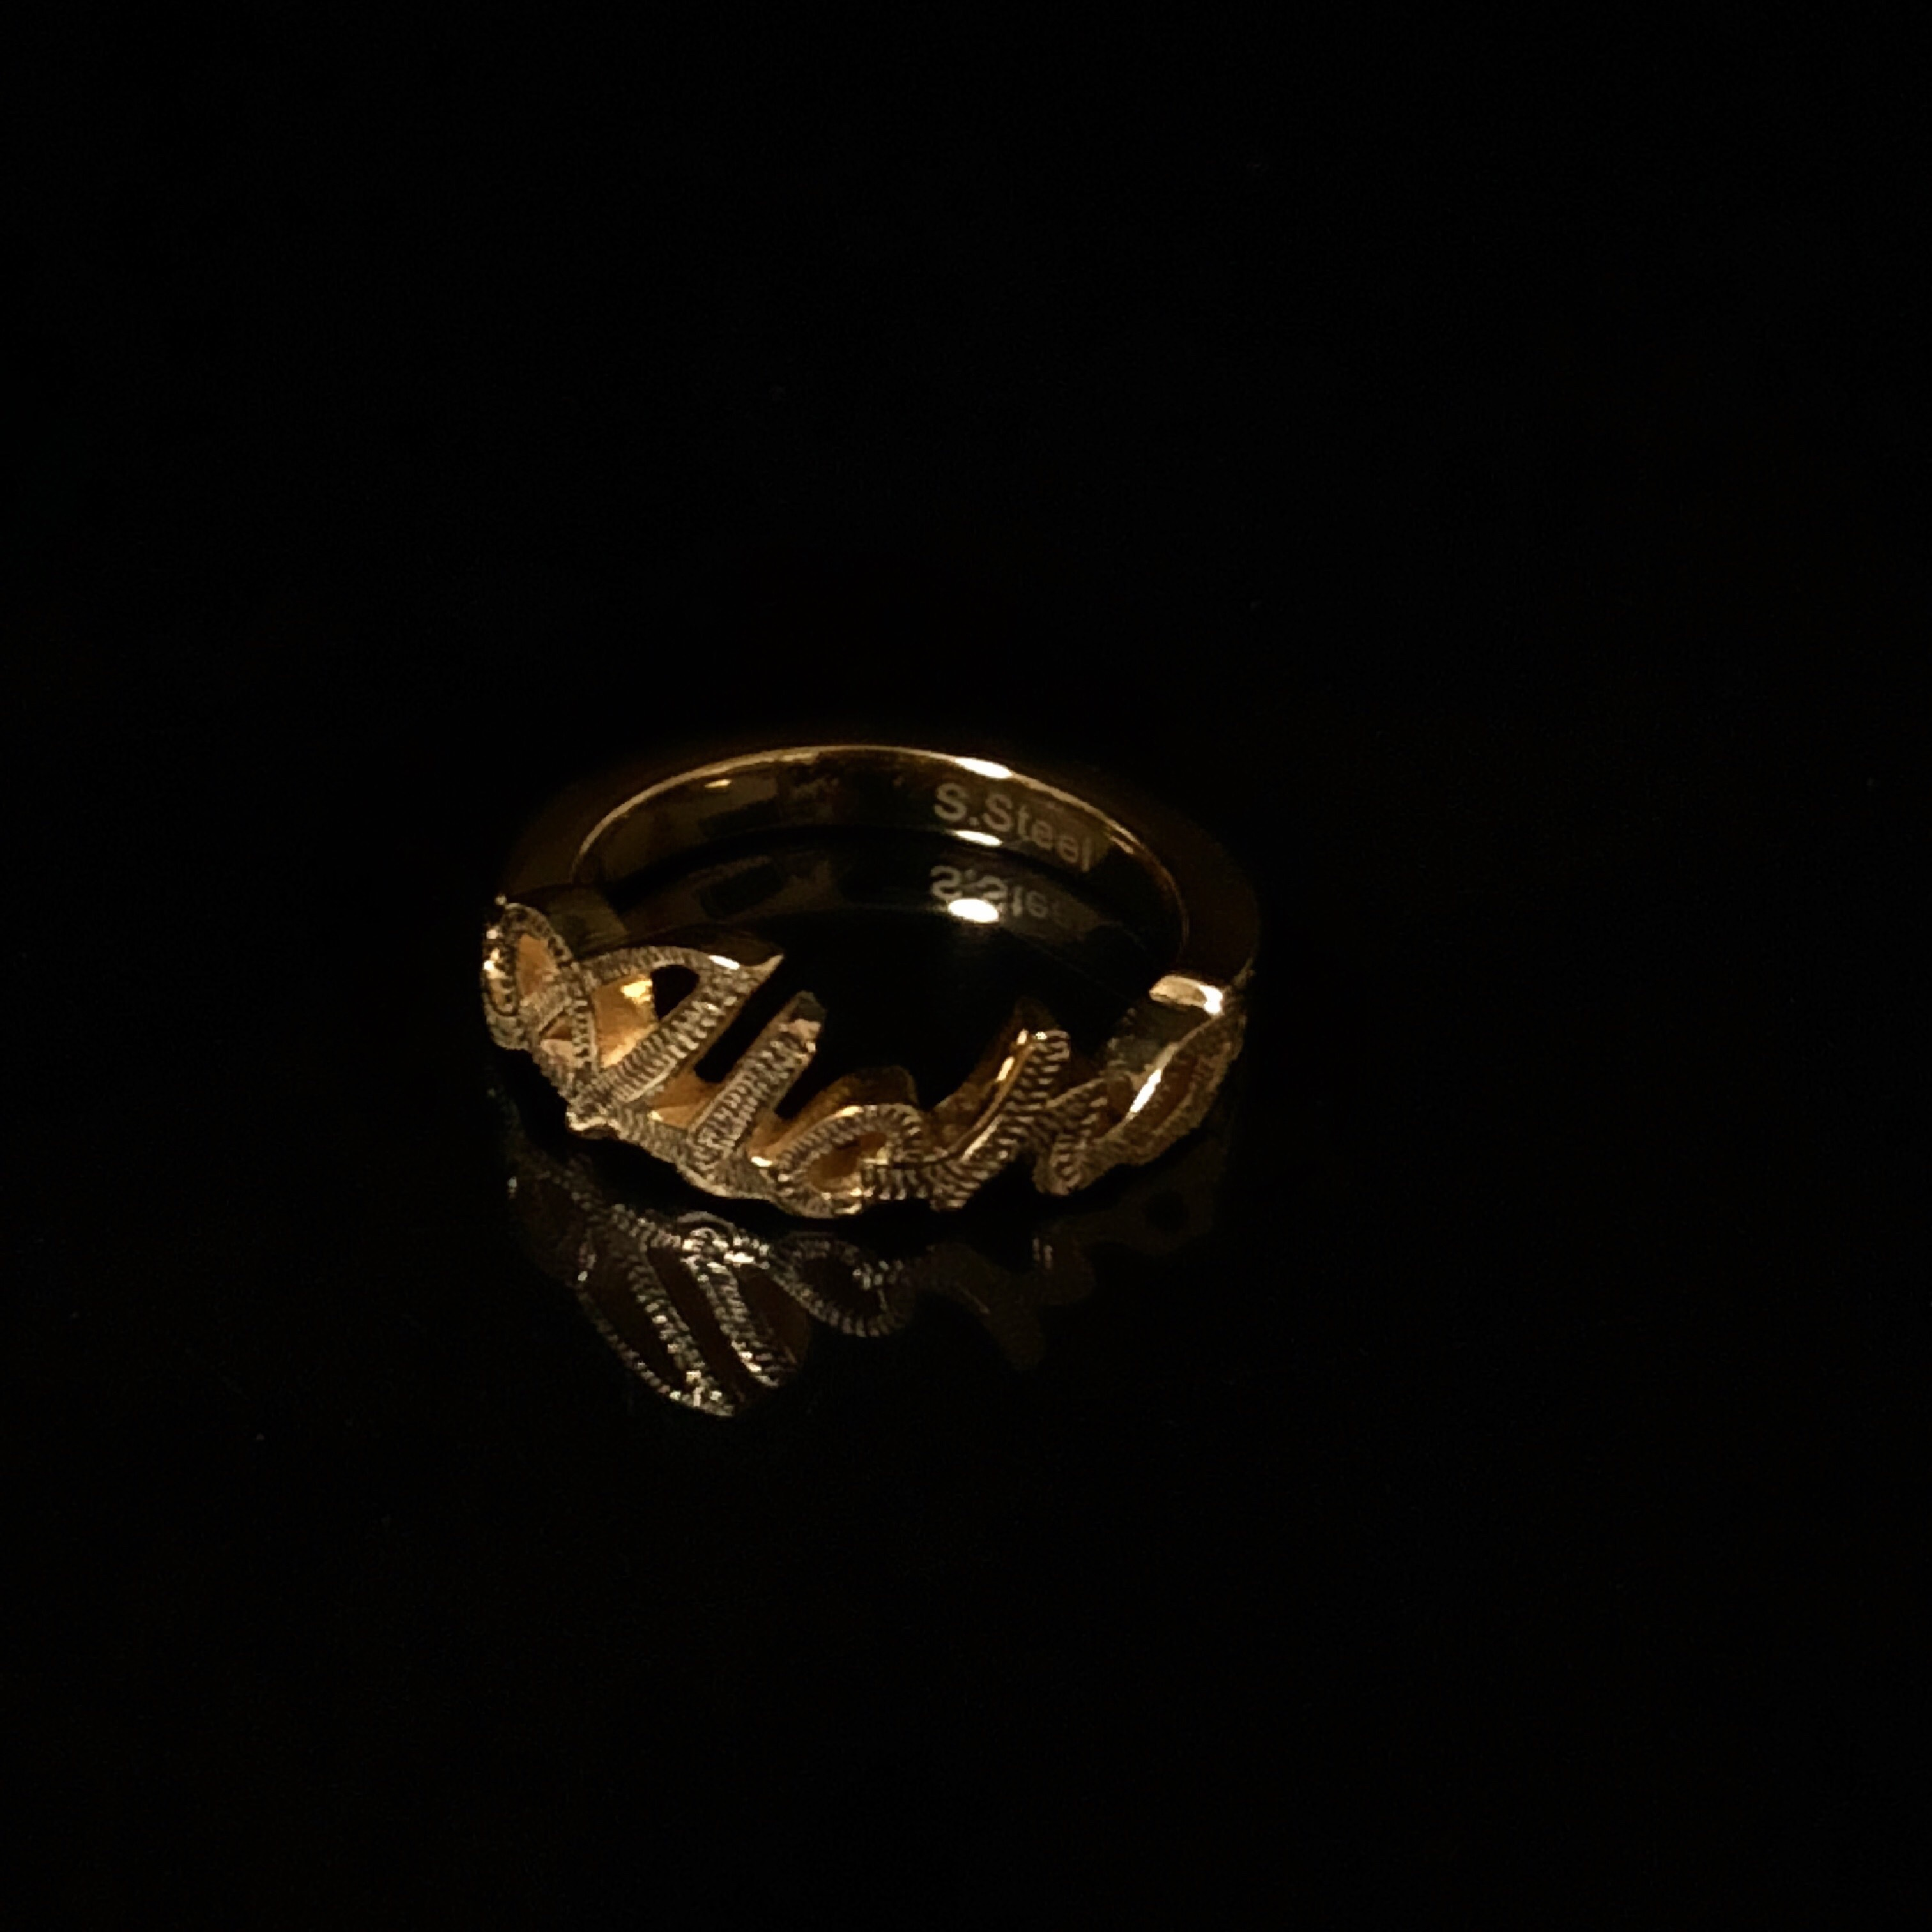 24kgp Hawaiian jewelry ring(aloha)